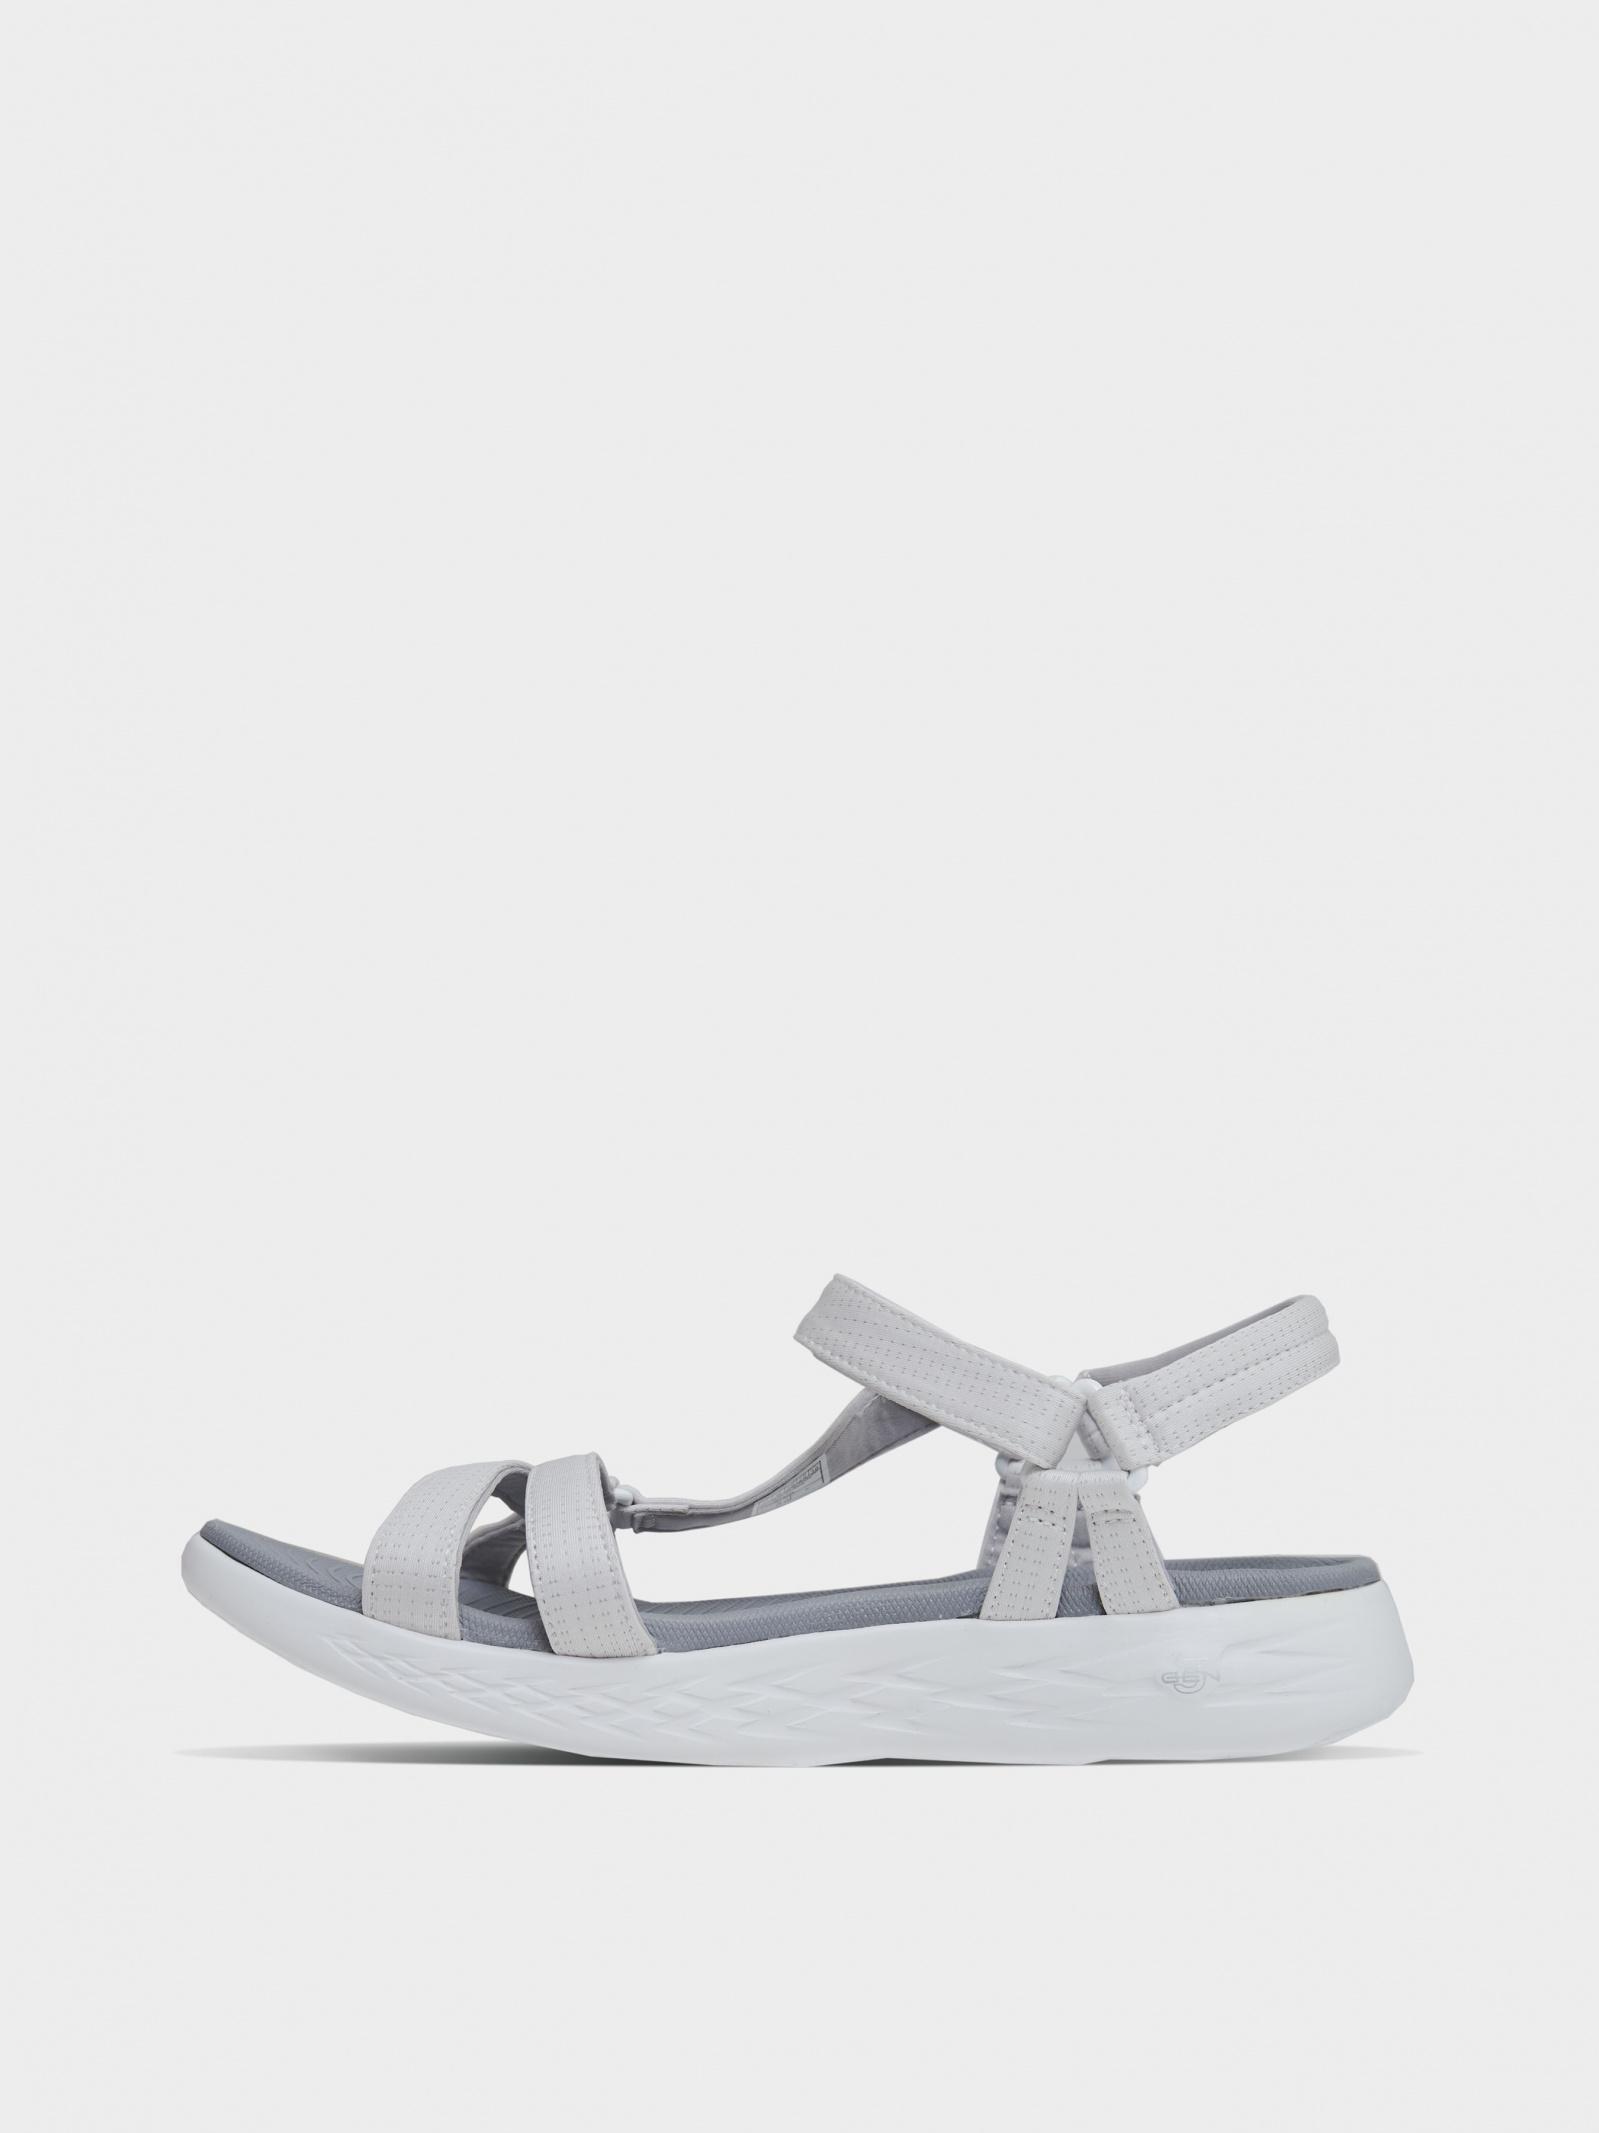 Сандалі  для жінок Skechers 15316 WGY модне взуття, 2017